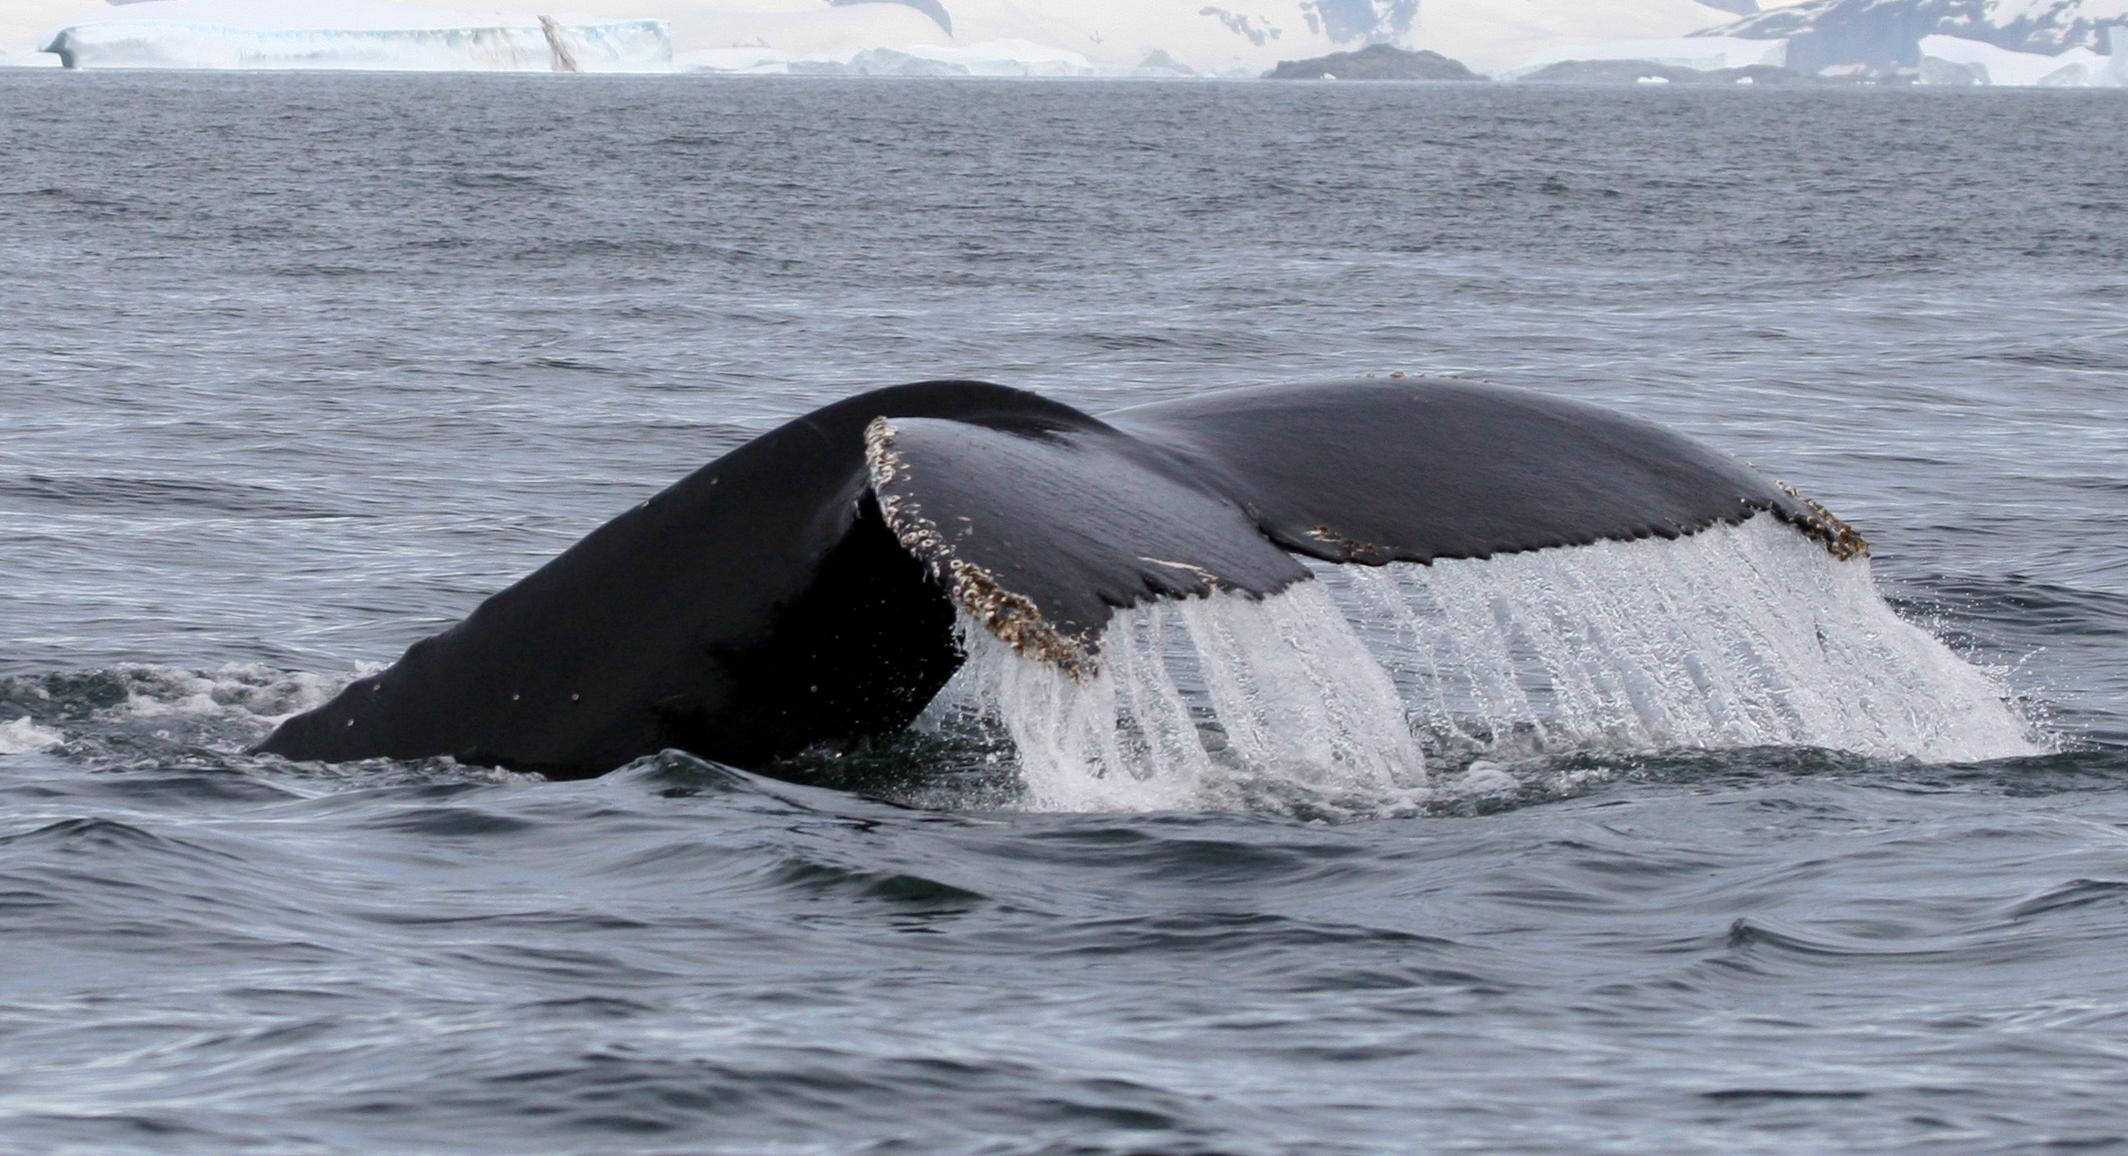 Zobacz wieloryby na Islandii podczas tej wycieczki po fiordzie Breiðafjörður na półwyspie Snaefellsnes.